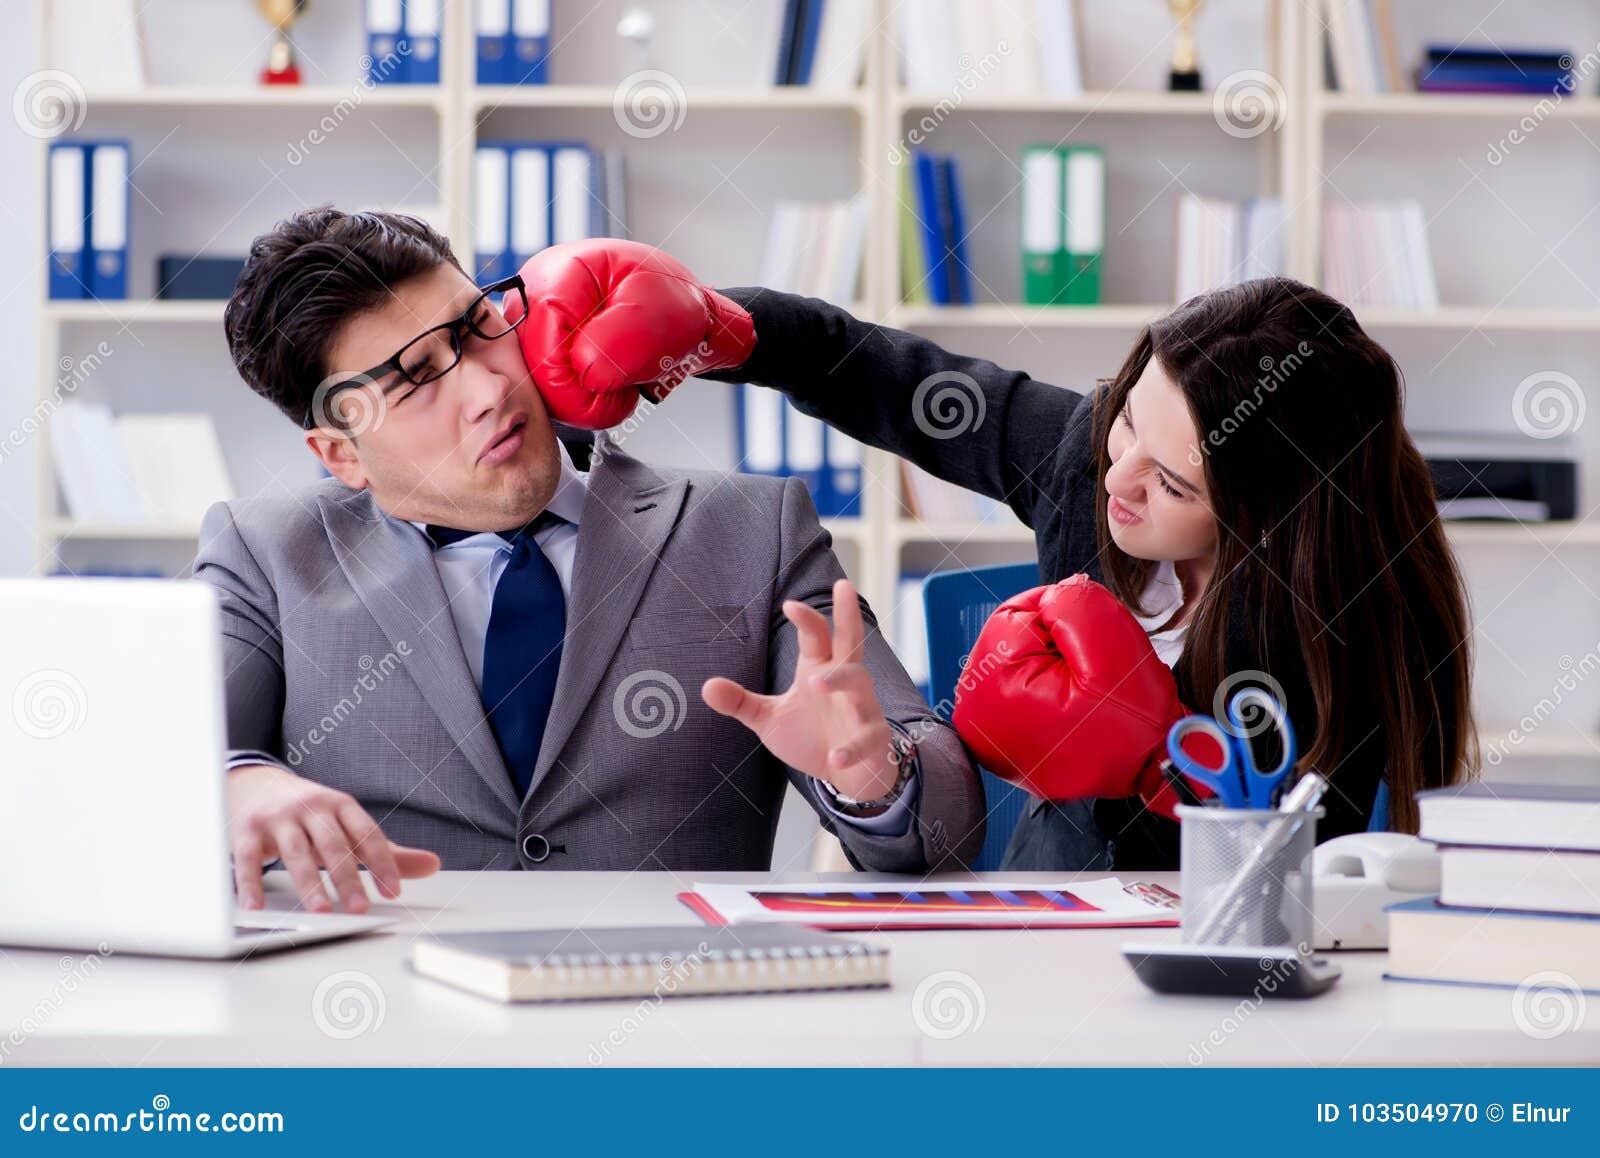 Kontorskonflikten mellan mannen och kvinnan